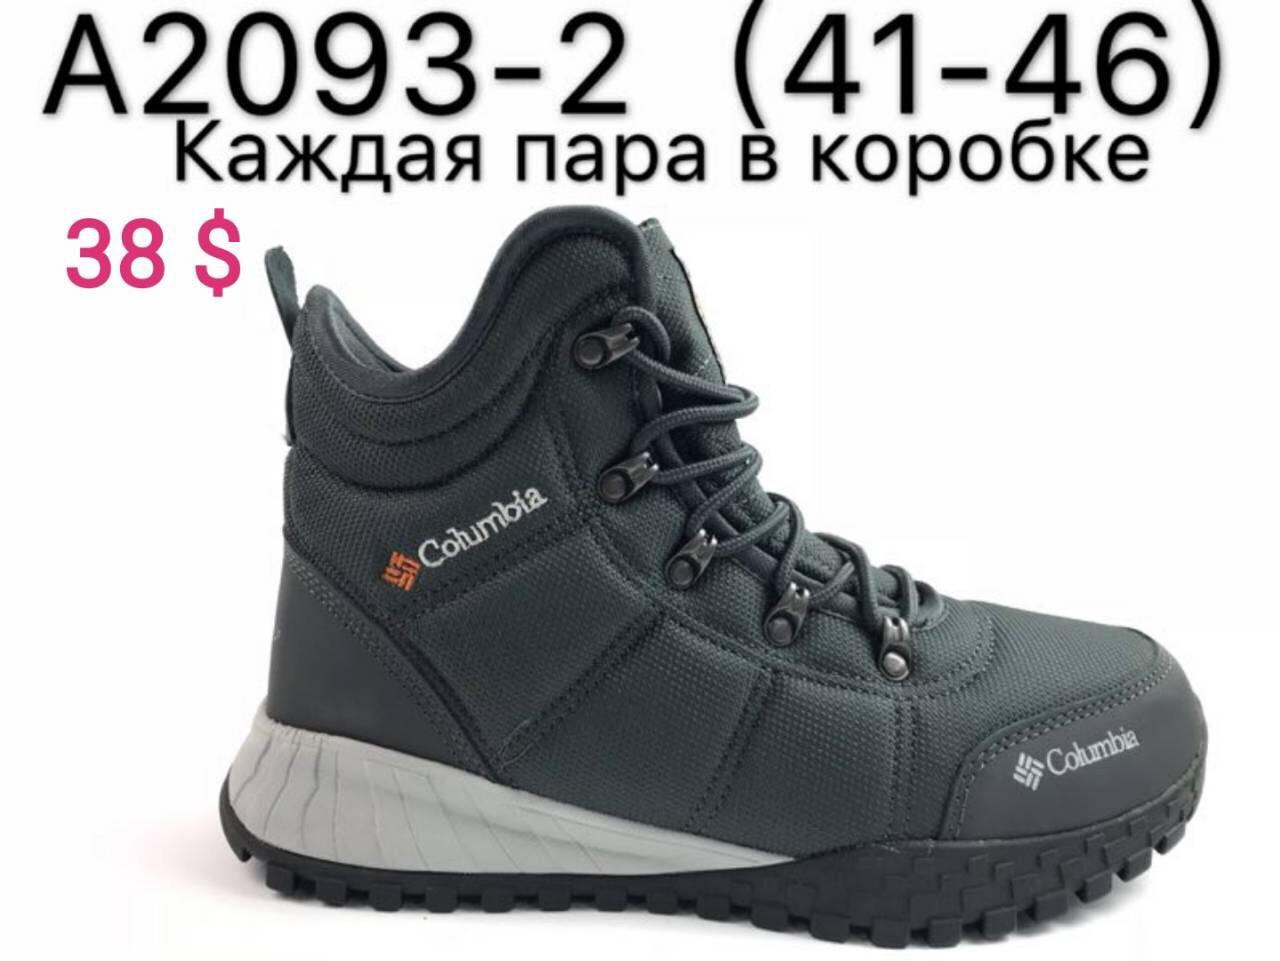 4c4d76ca98f6 Columbia оптом (41-46)  продажа, цена в Одессе. кроссовки, кеды ...